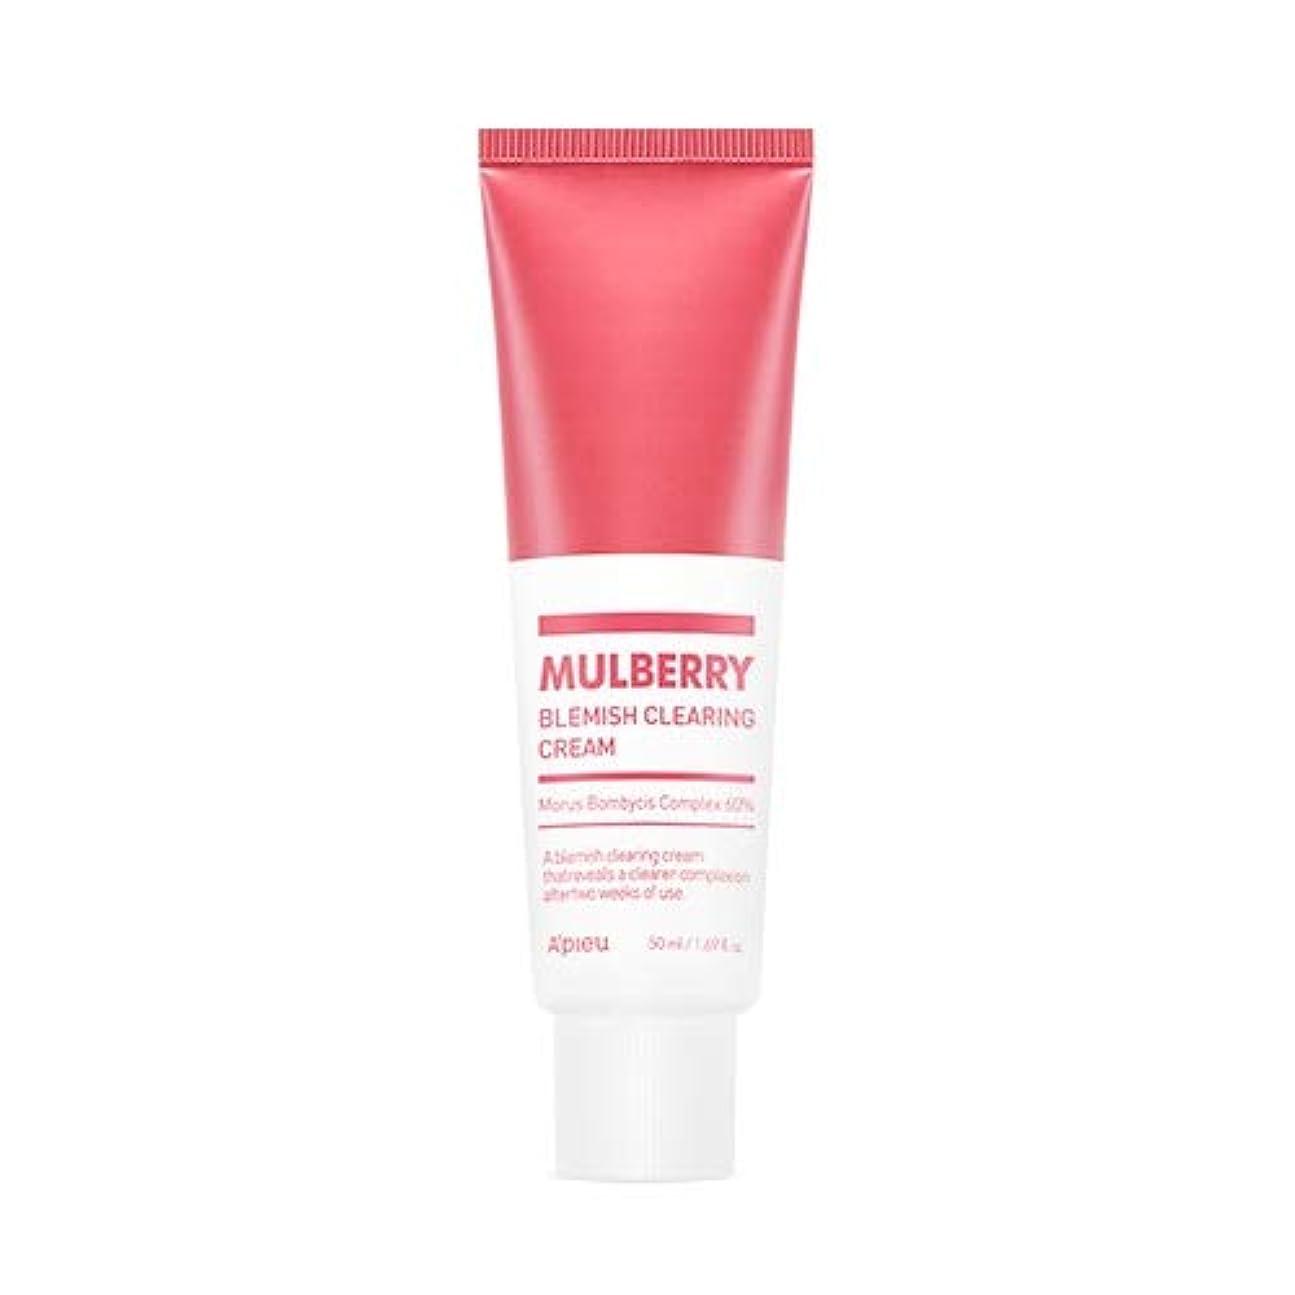 ラッチ科学者常習者アピュ マルベリー ブラミッシュ クリアリング クリーム 50ml / APIEU Mulberry Blemish Clearing Cream 50ml [並行輸入品]